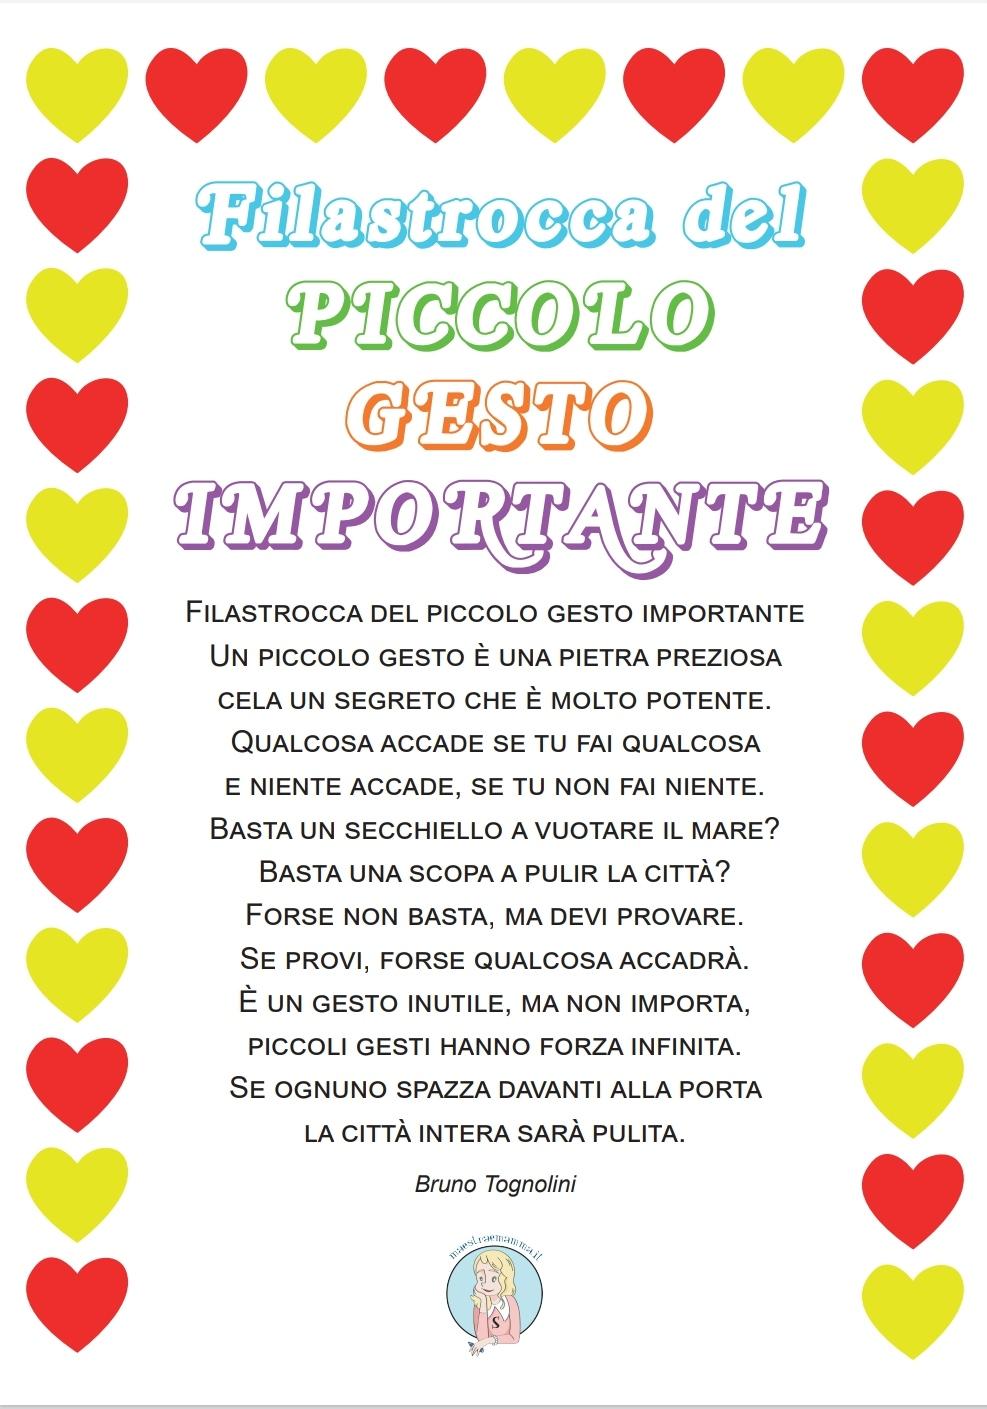 Filastrocca del piccolo gesto importante di Bruno Tognolini